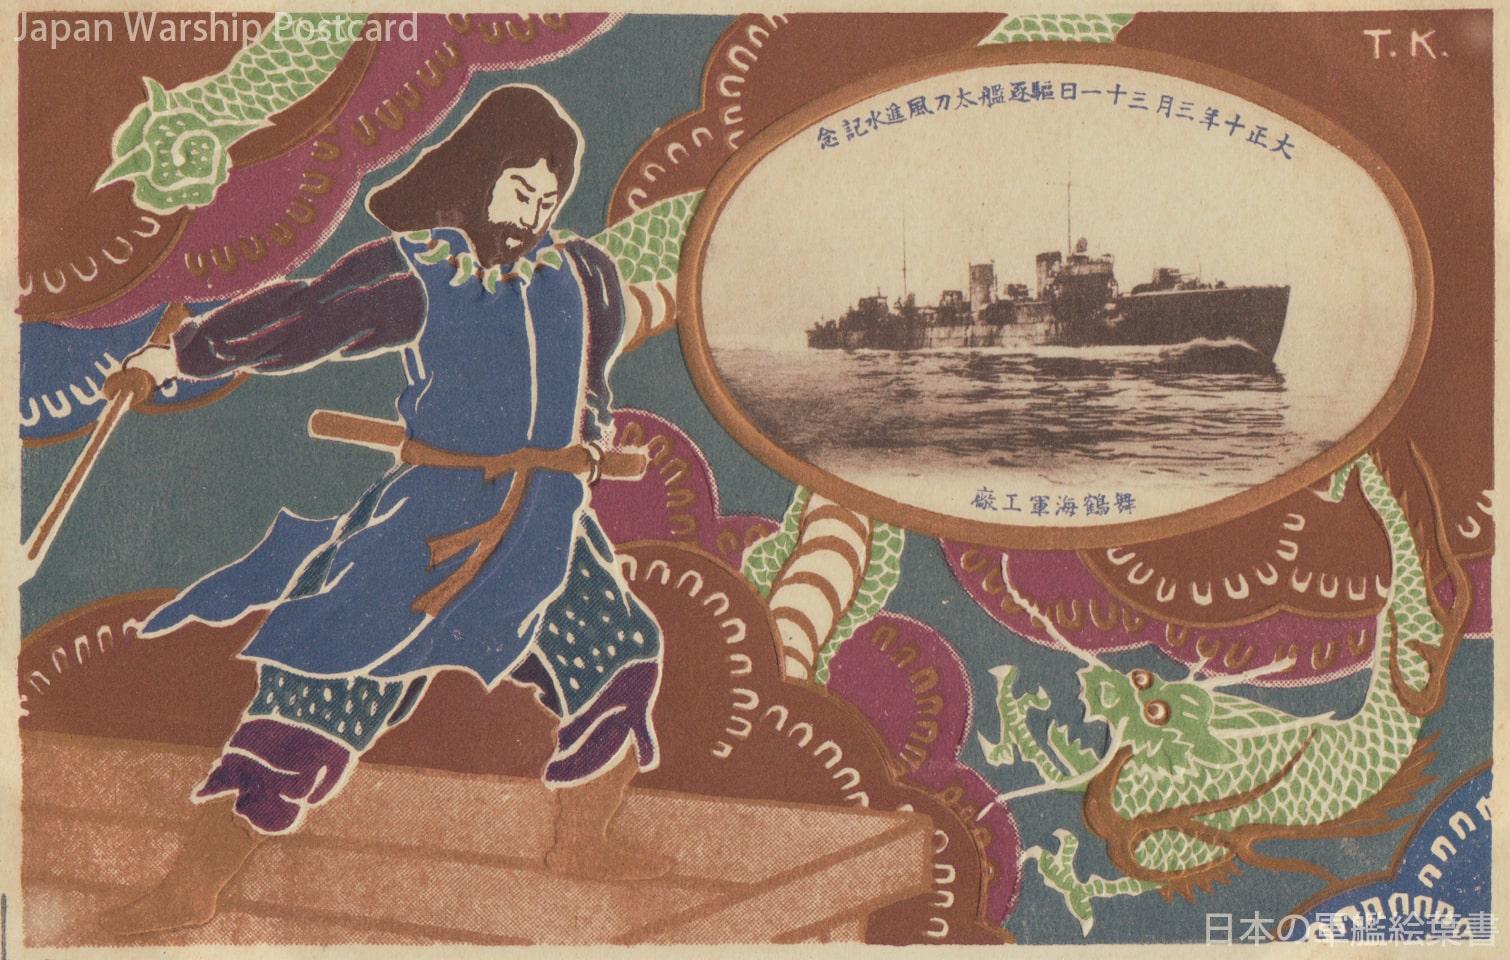 峯風型駆逐艦「太刀風」